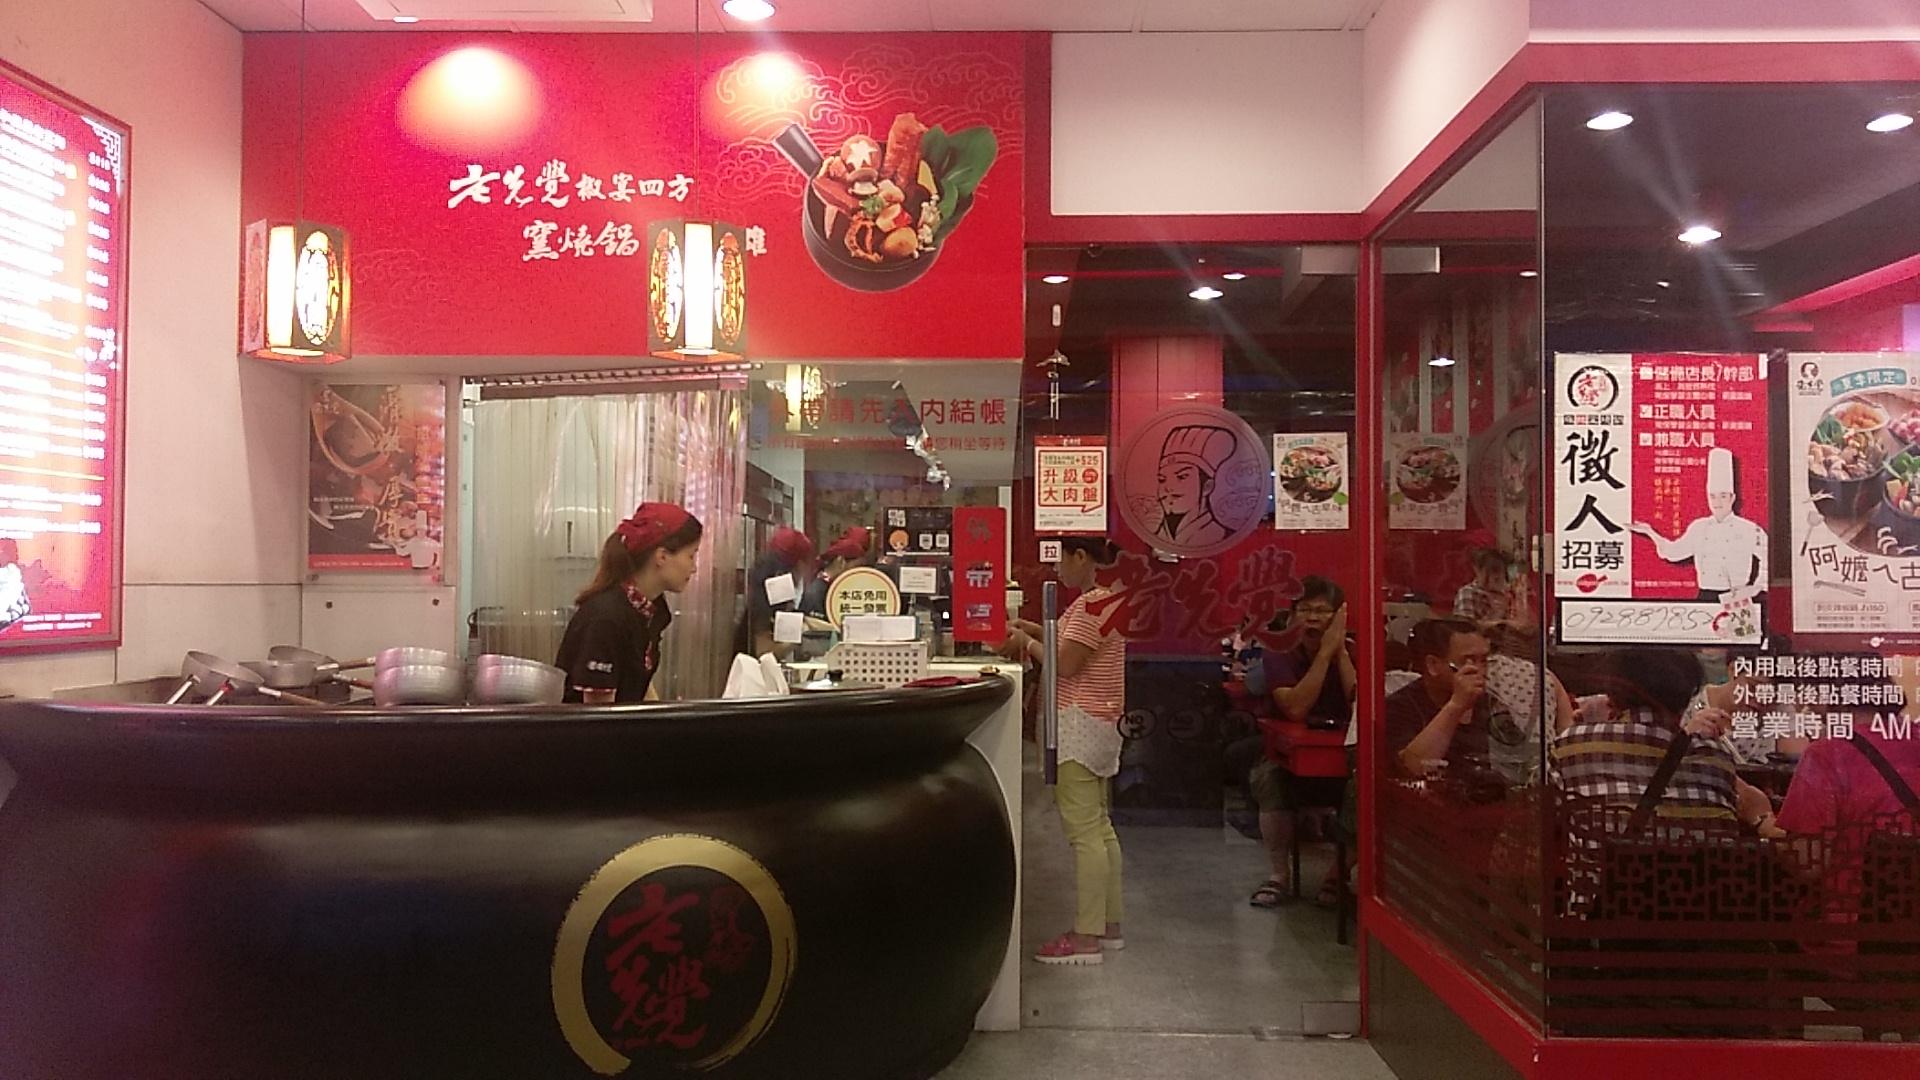 土城 老先覺 麻辣窯燒鍋